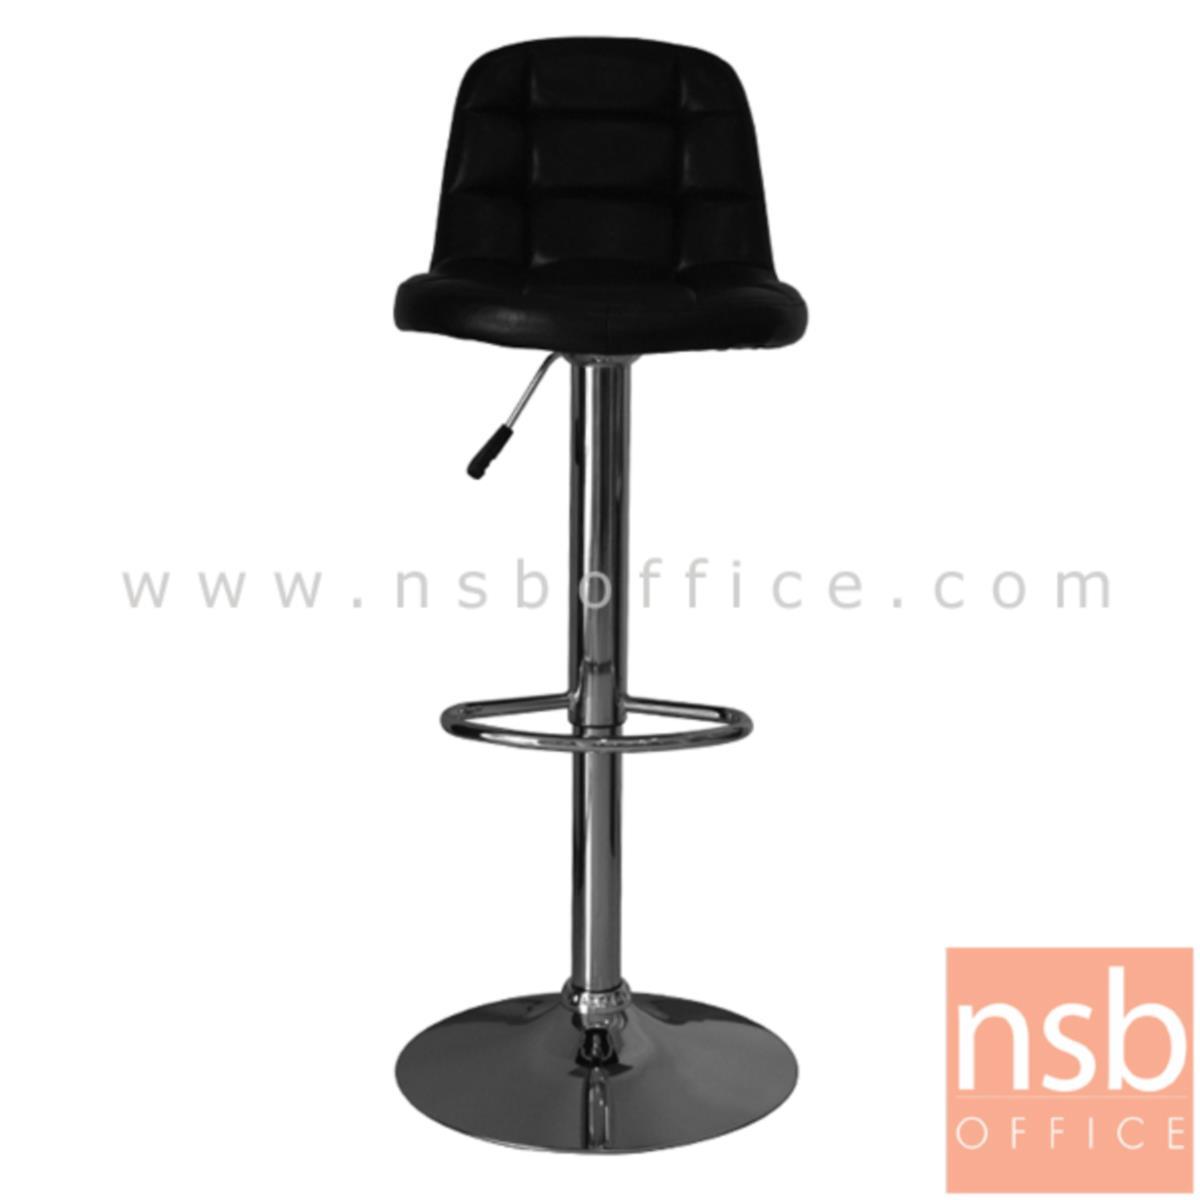 B09A154:เก้าอี้บาร์สูงหนังเทียม รุ่น Jarmar (จามาร์) ขนาด 52W cm. ขาโครเมี่ยมฐานจานกลม